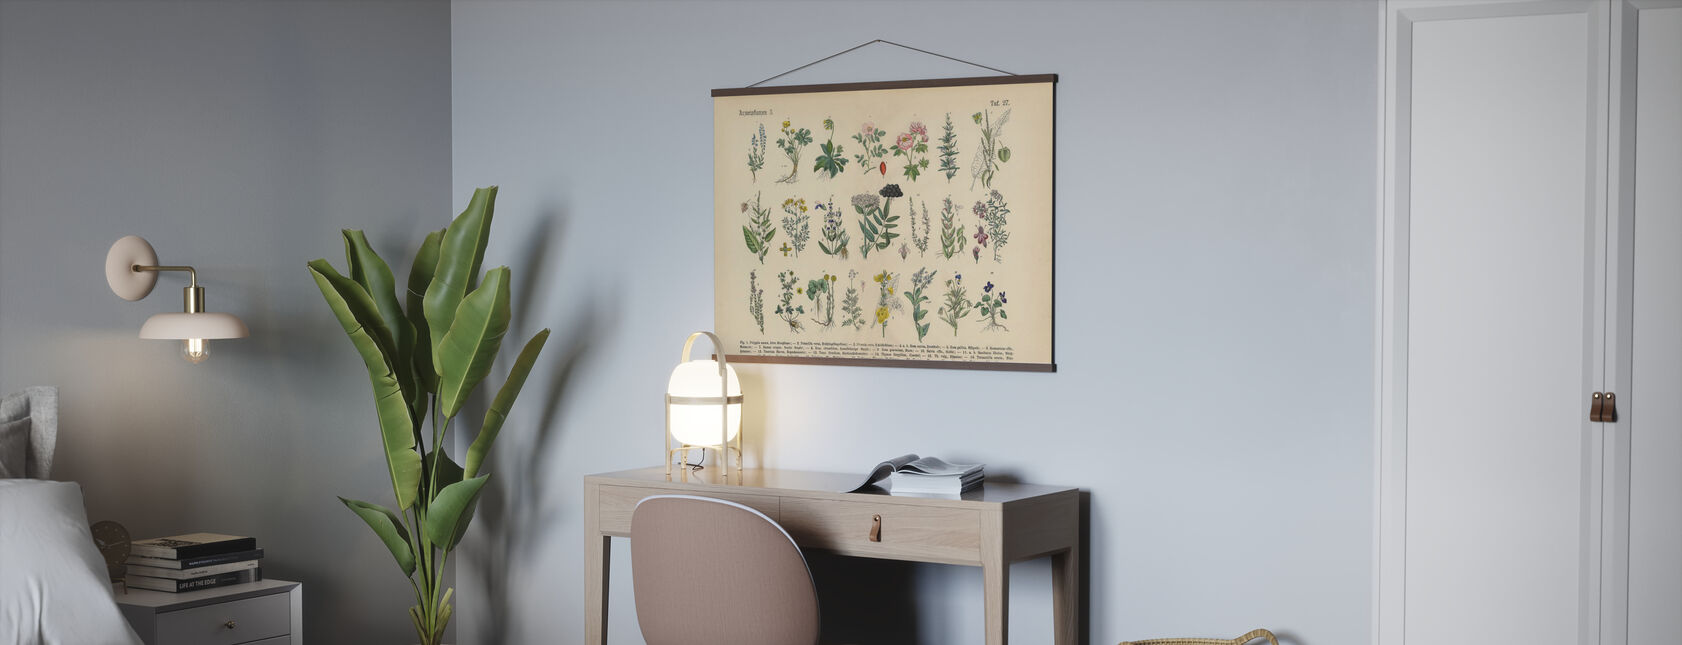 Piante medicinali ed erboristiche - Poster - Uffici